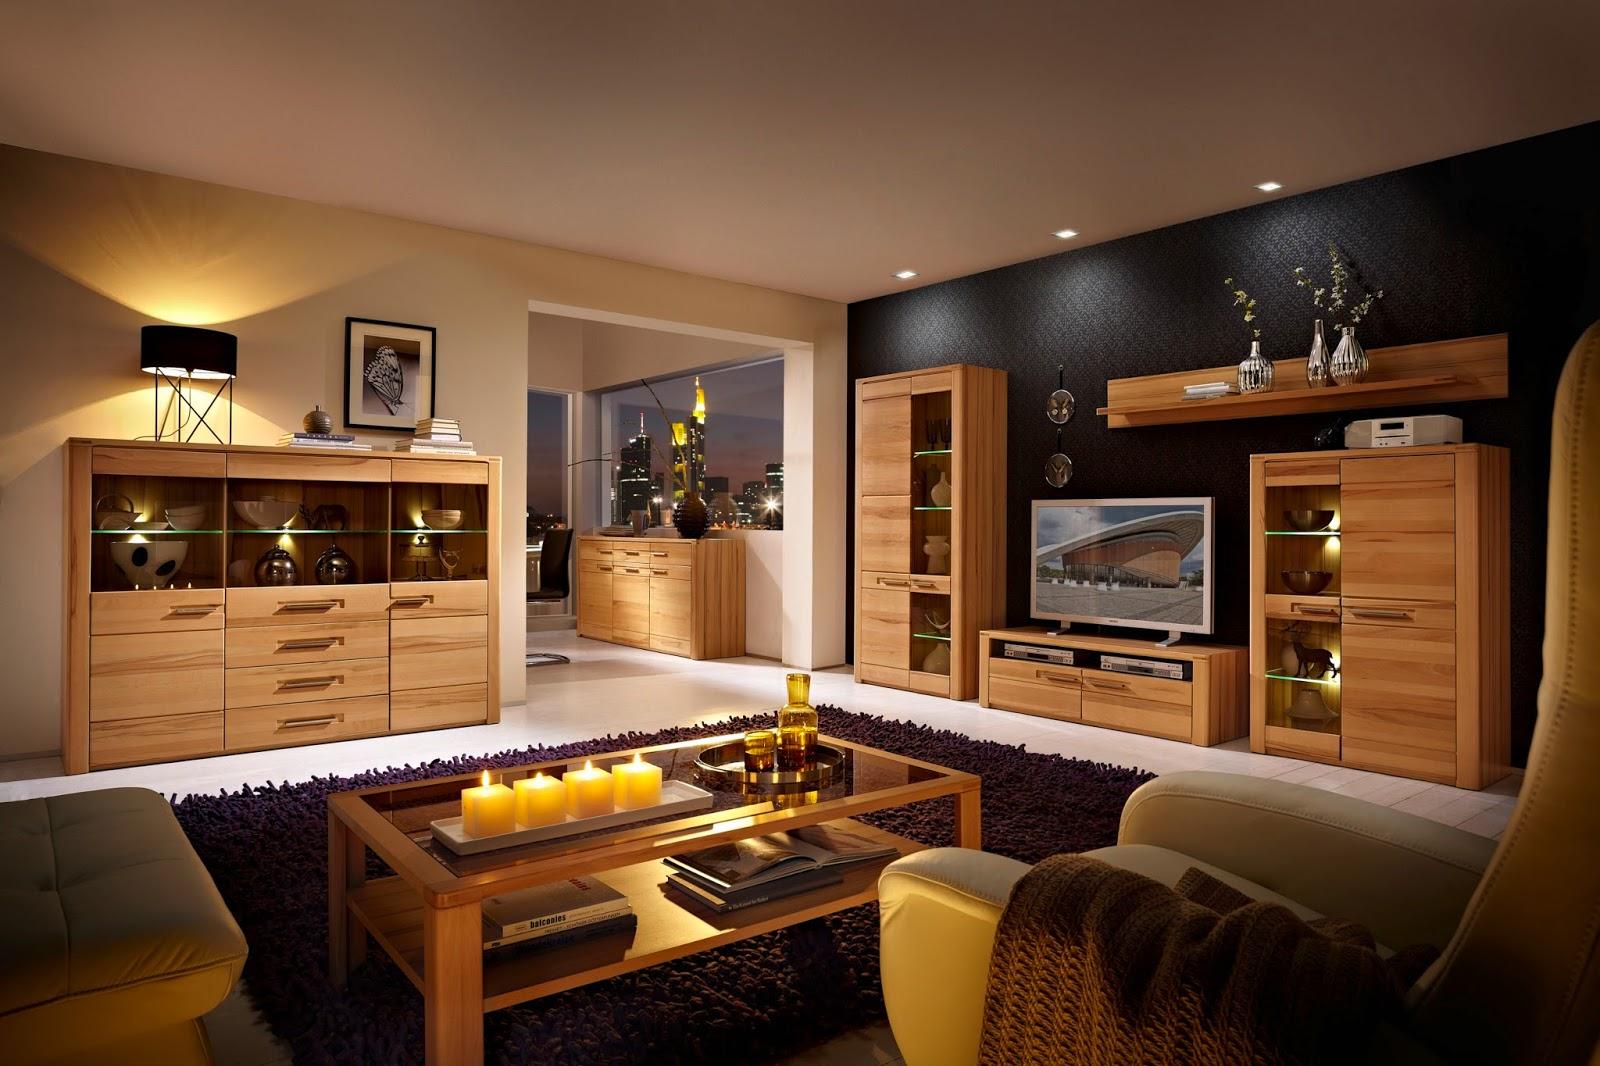 wohnzimmer artikel - Home Creation